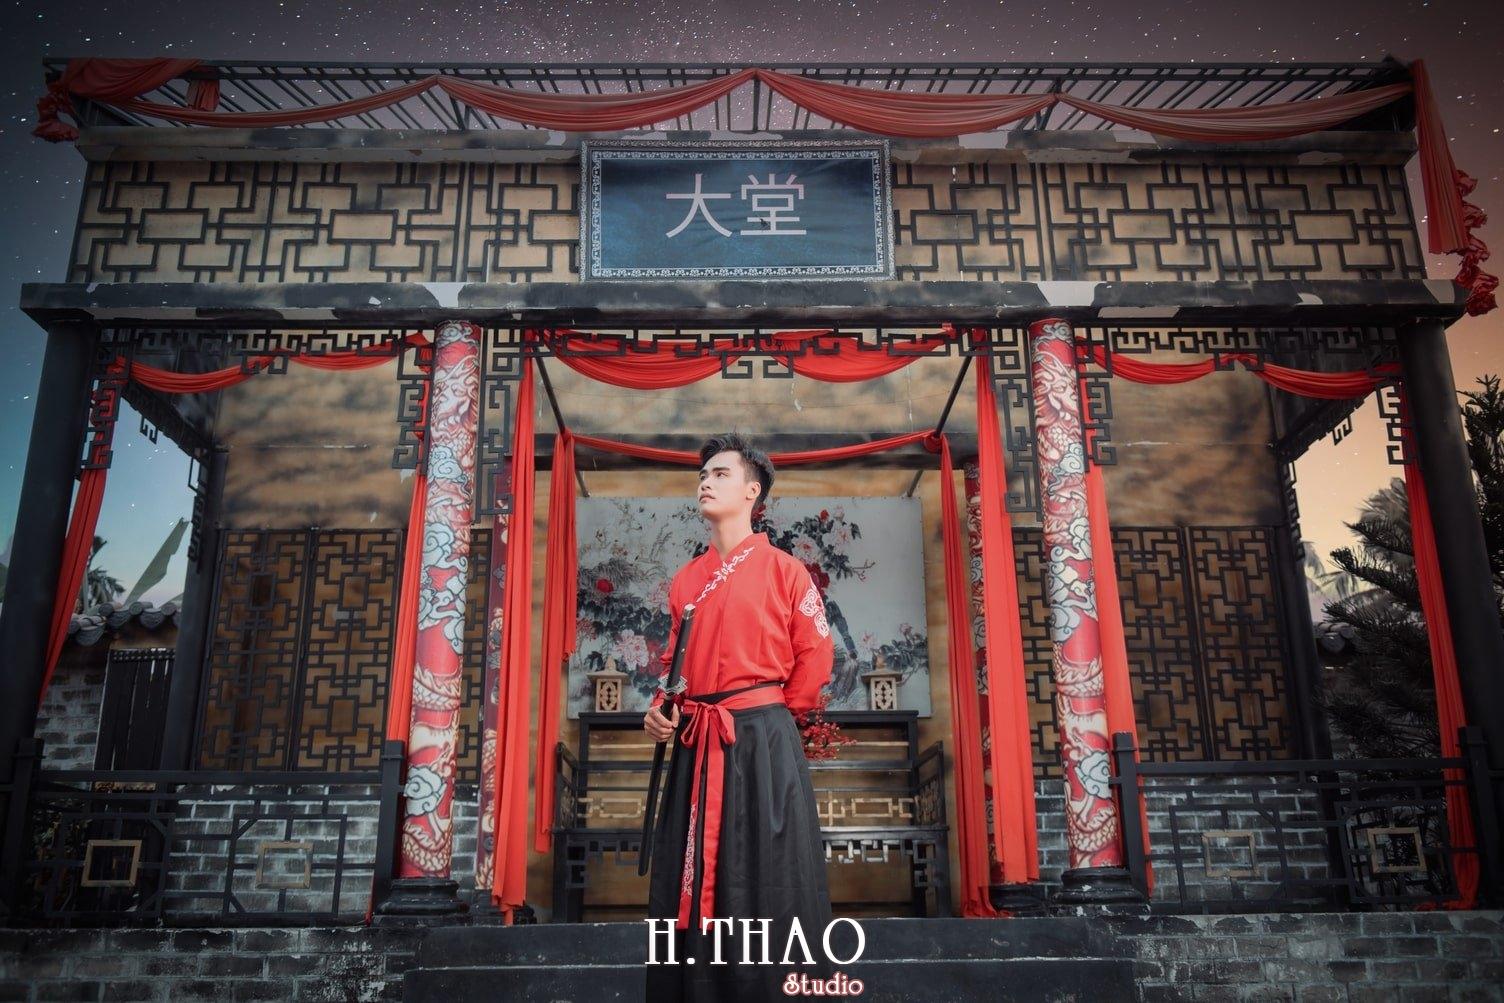 Anh Nam co trang 20 - Album chụp ảnh cổ trang nam phong cách Nhật Bản đẹp – HThao Studio